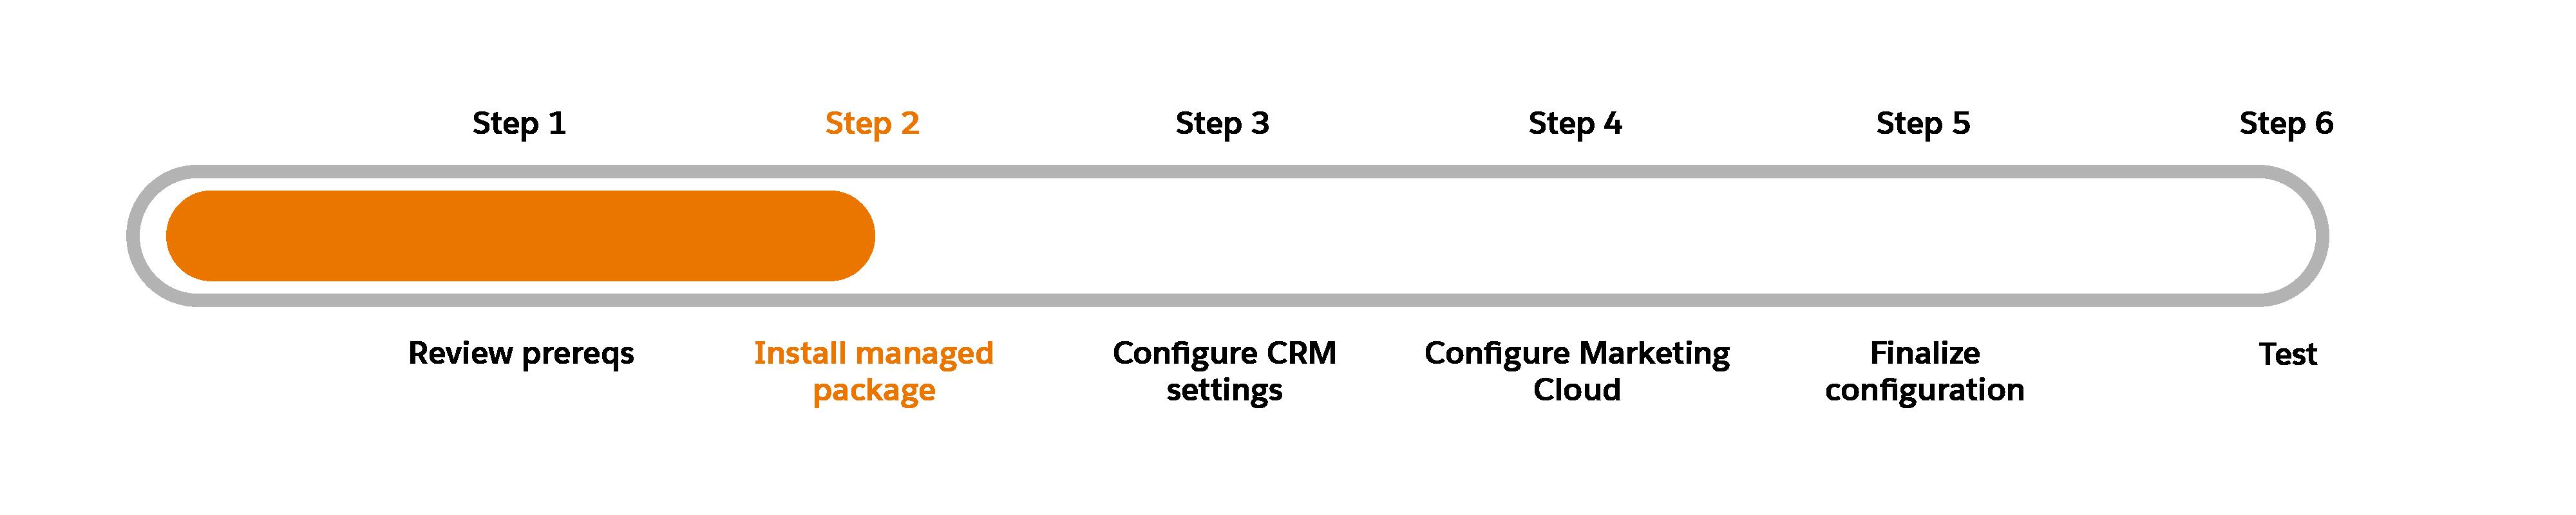 「ステップ 2: 管理パッケージをインストールする」が強調表示されている進行状況チャート